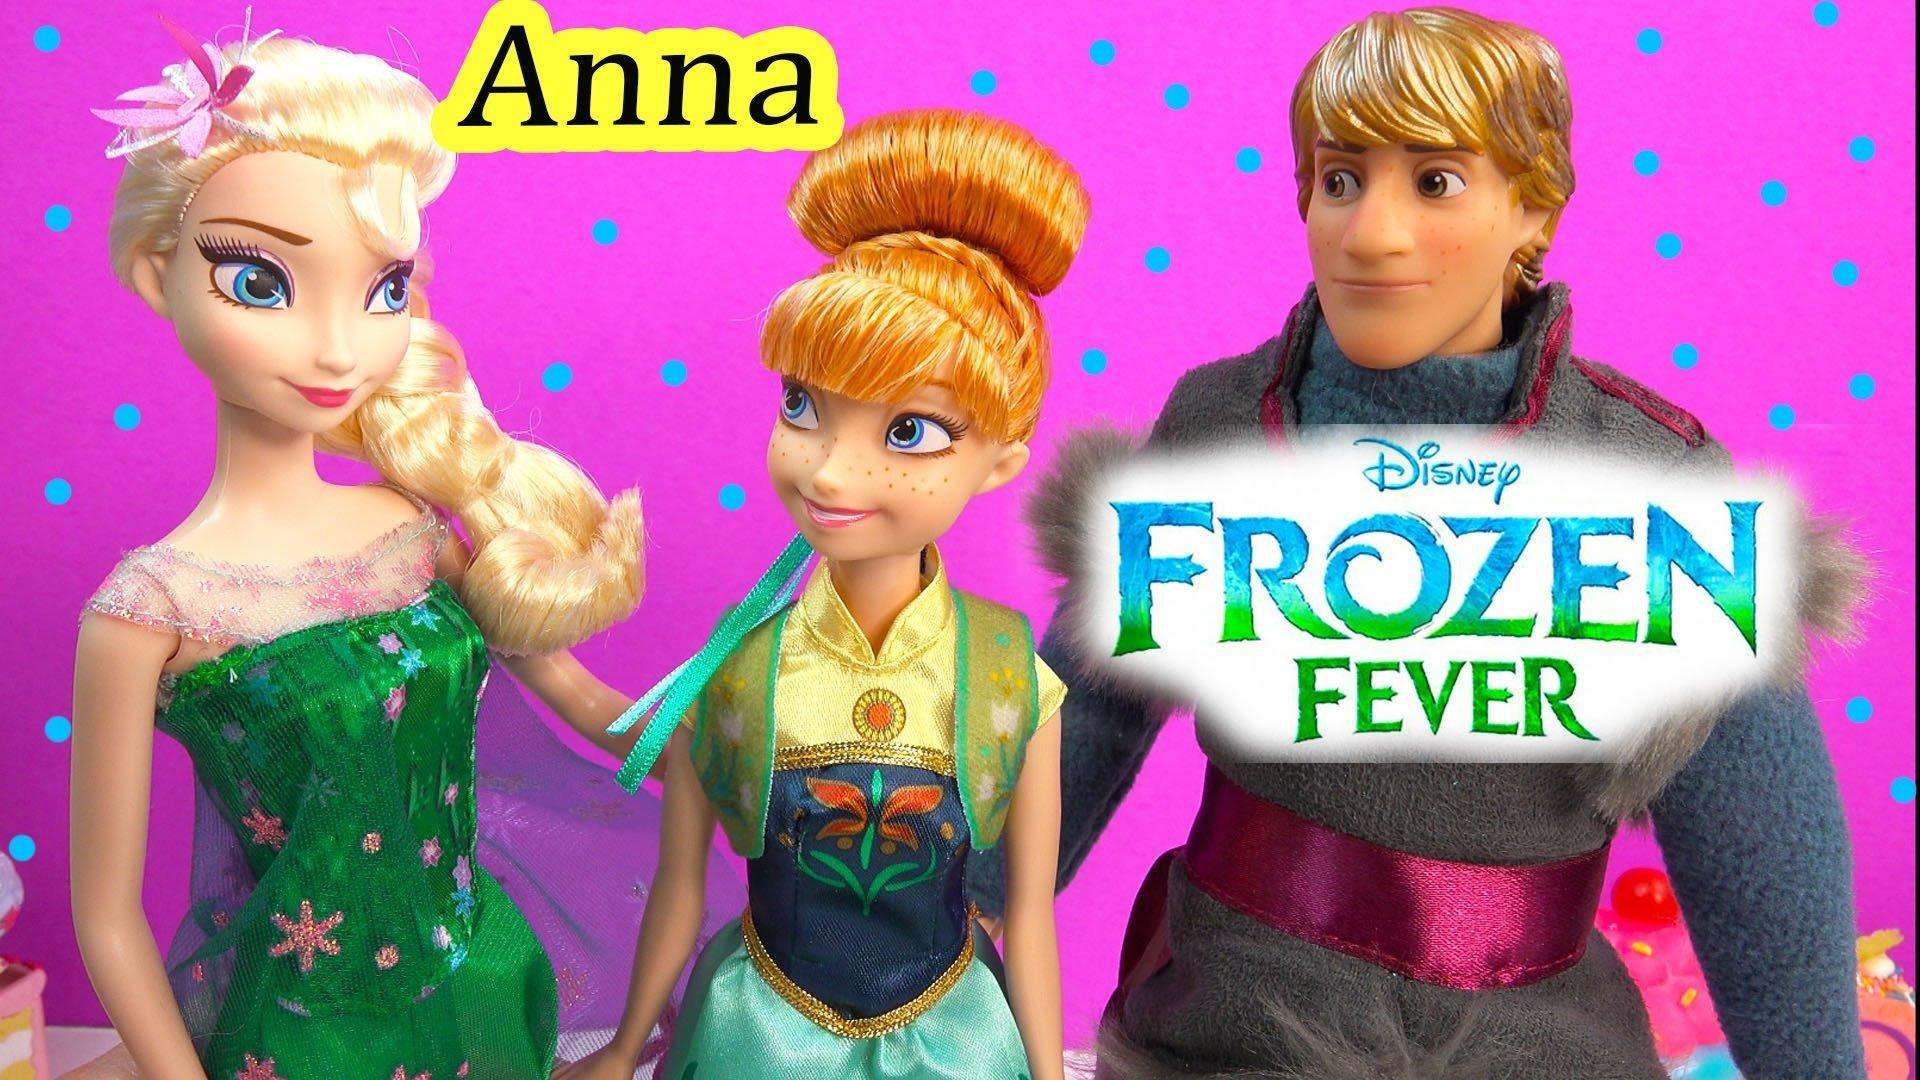 Frozen fever papel de parede hd plano de fundo - Fever wallpaper hd ...